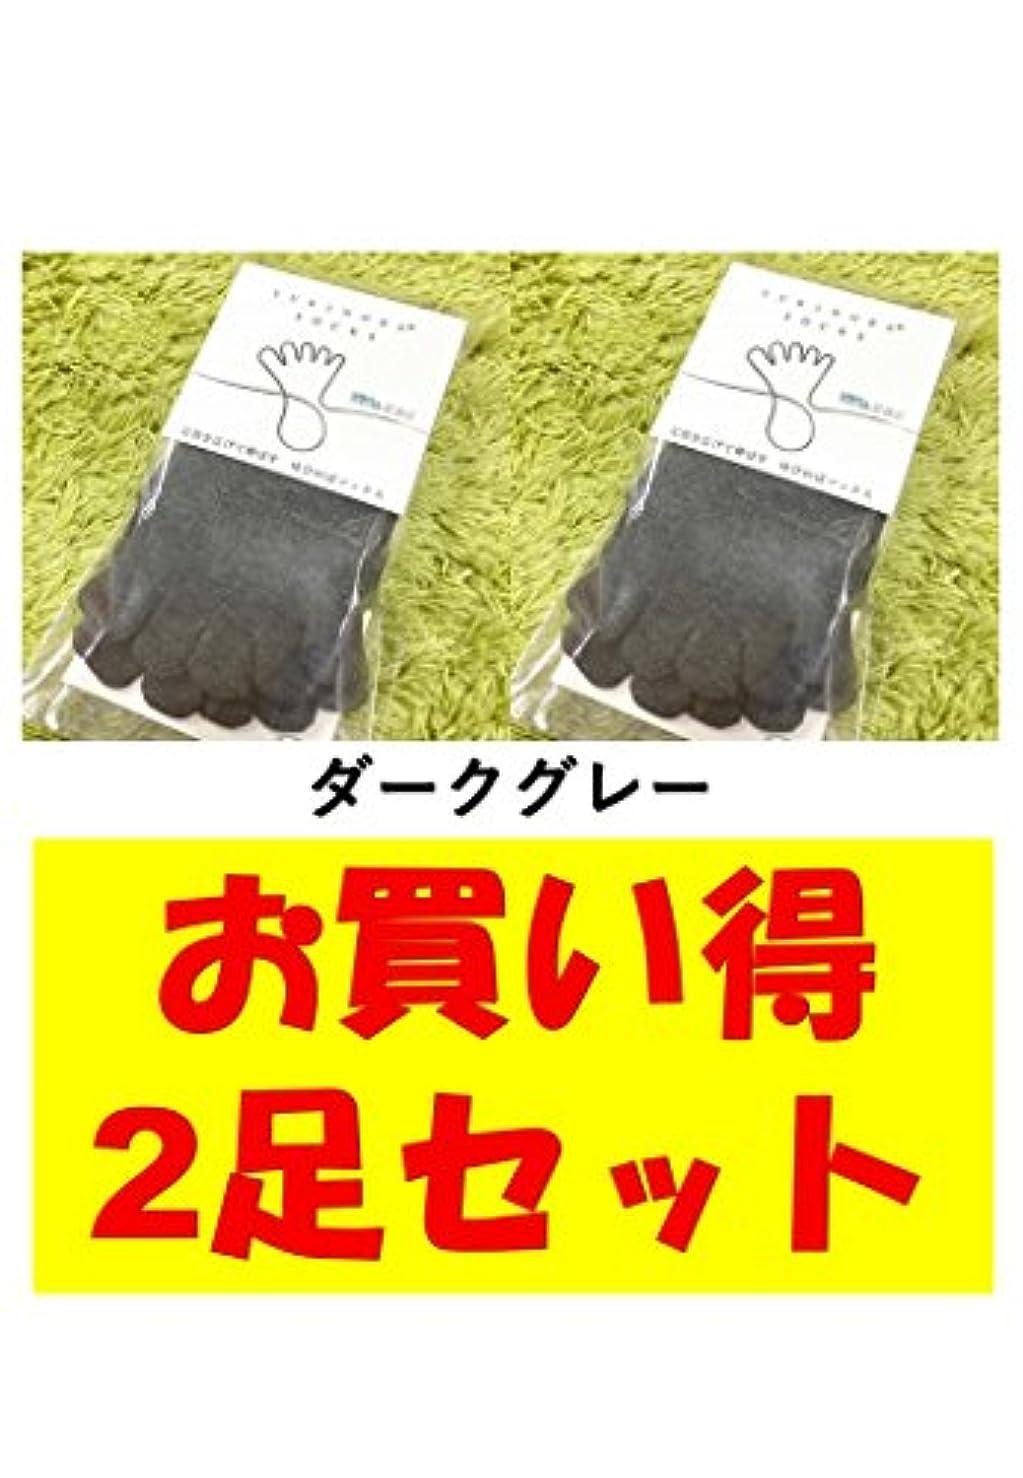 リーズ未使用次お買い得2足セット 5本指 ゆびのばソックス ゆびのばレギュラー ダークグレー 男性用 25.5cm-28.0cm HSREGR-DGL